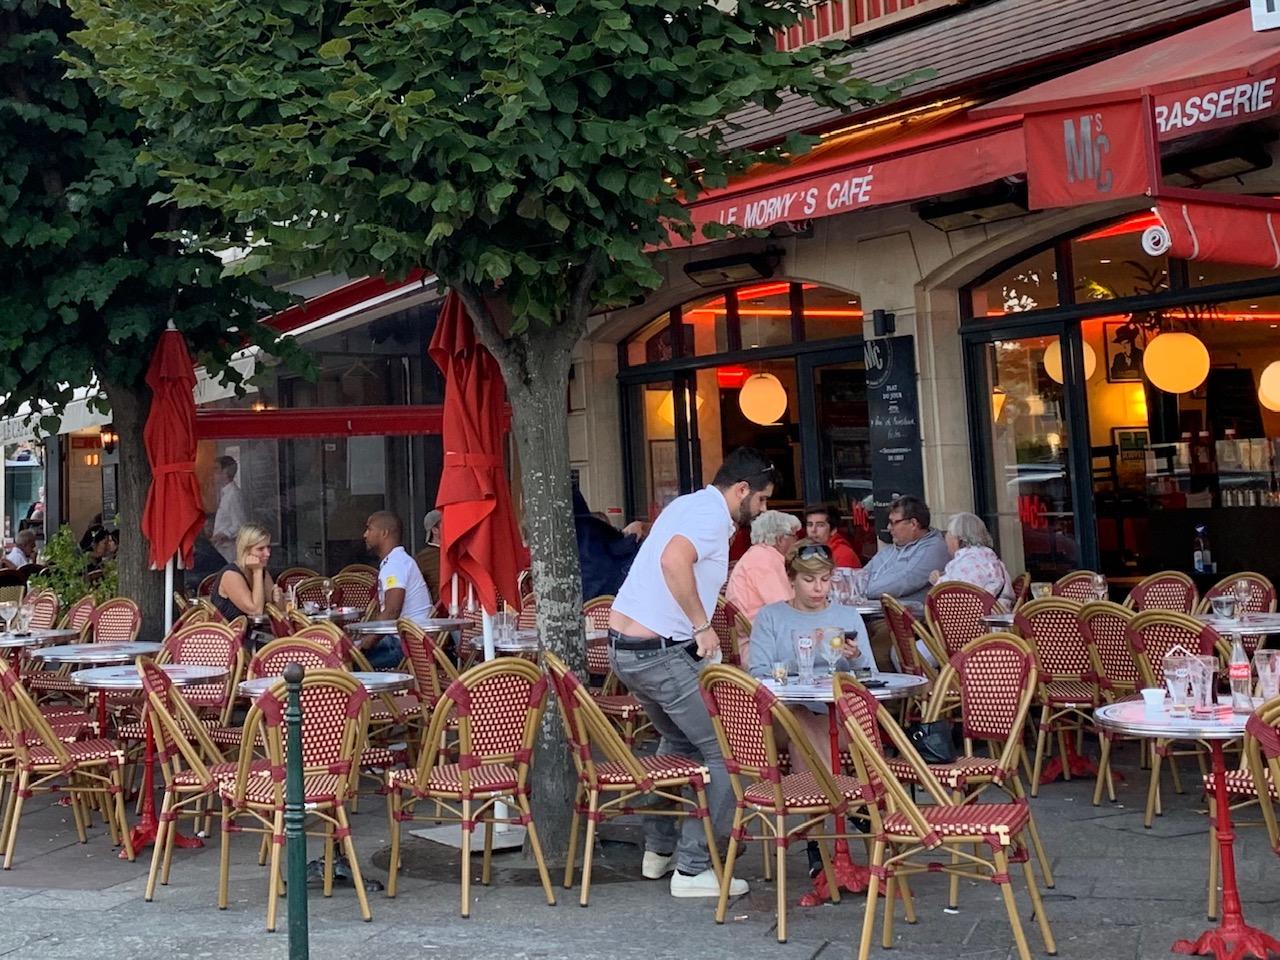 滞仏日記「いつものカフェで、いつものぼく」